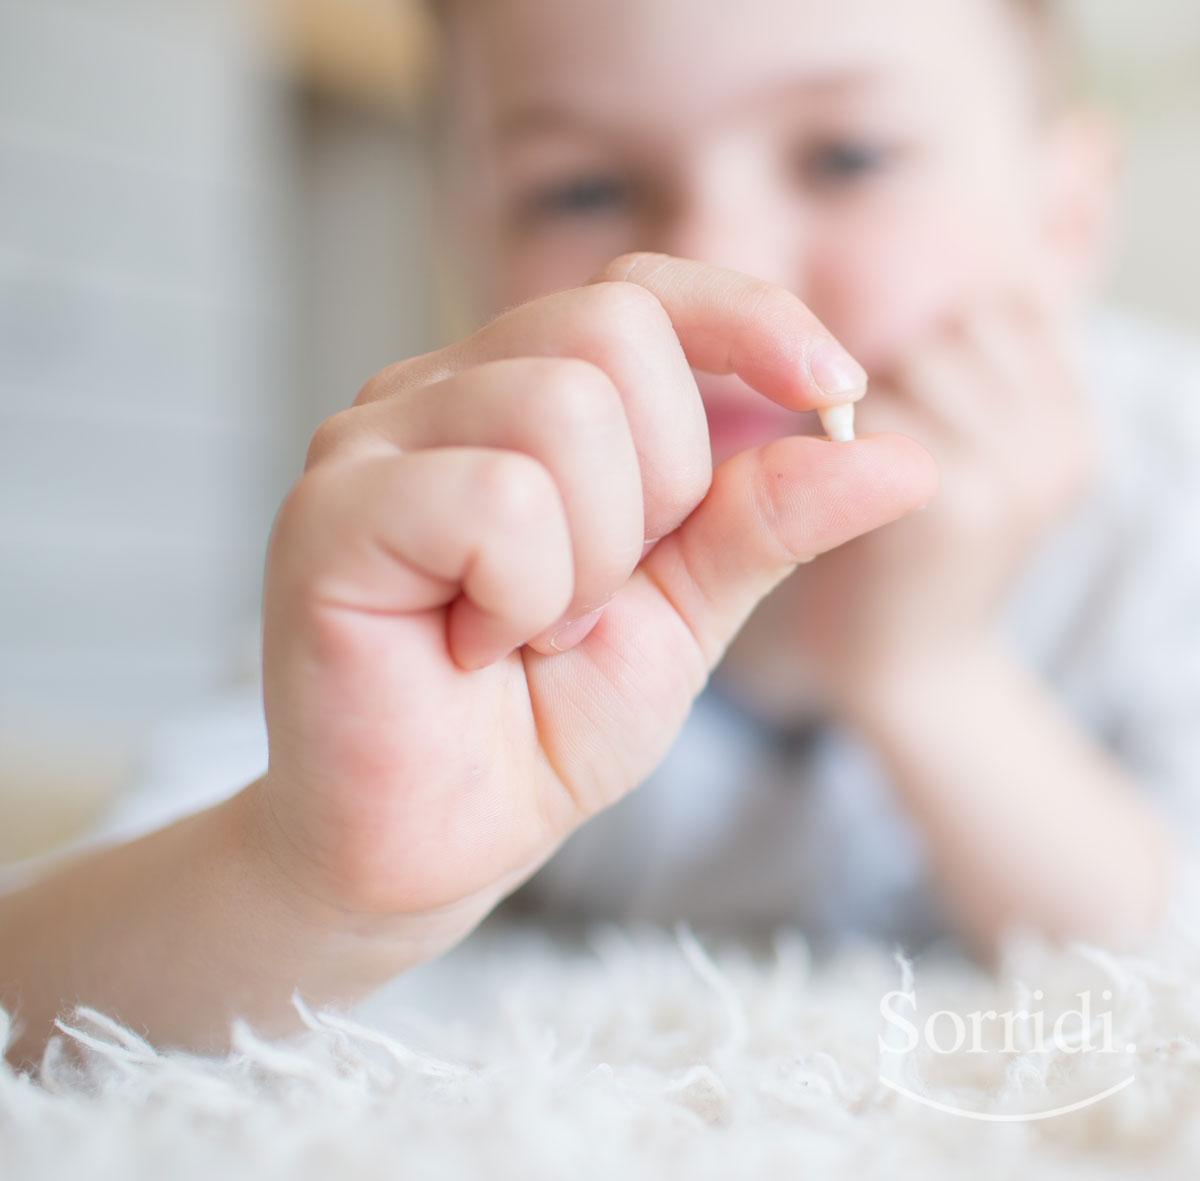 Sorridi-ch-magazine-estrazione-del-dente-da-latte